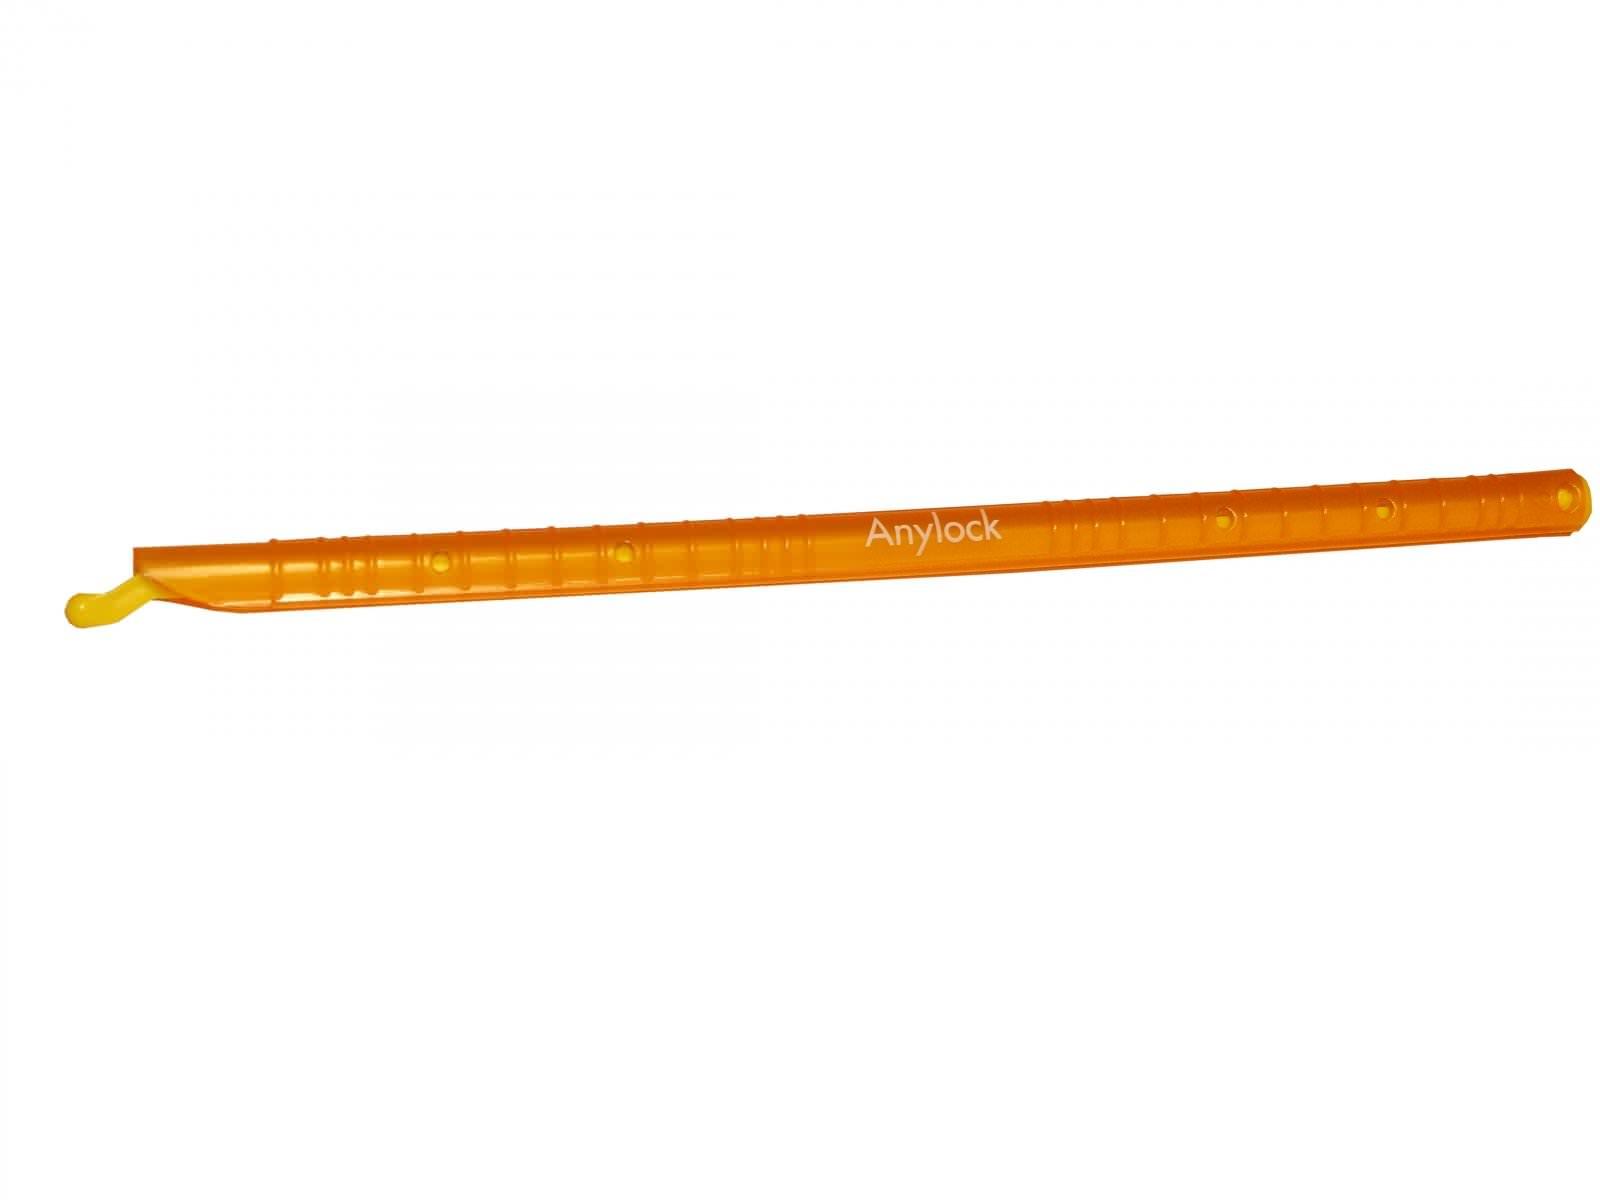 fermeture hermetique de sac et sachets Baguette Anylock orange